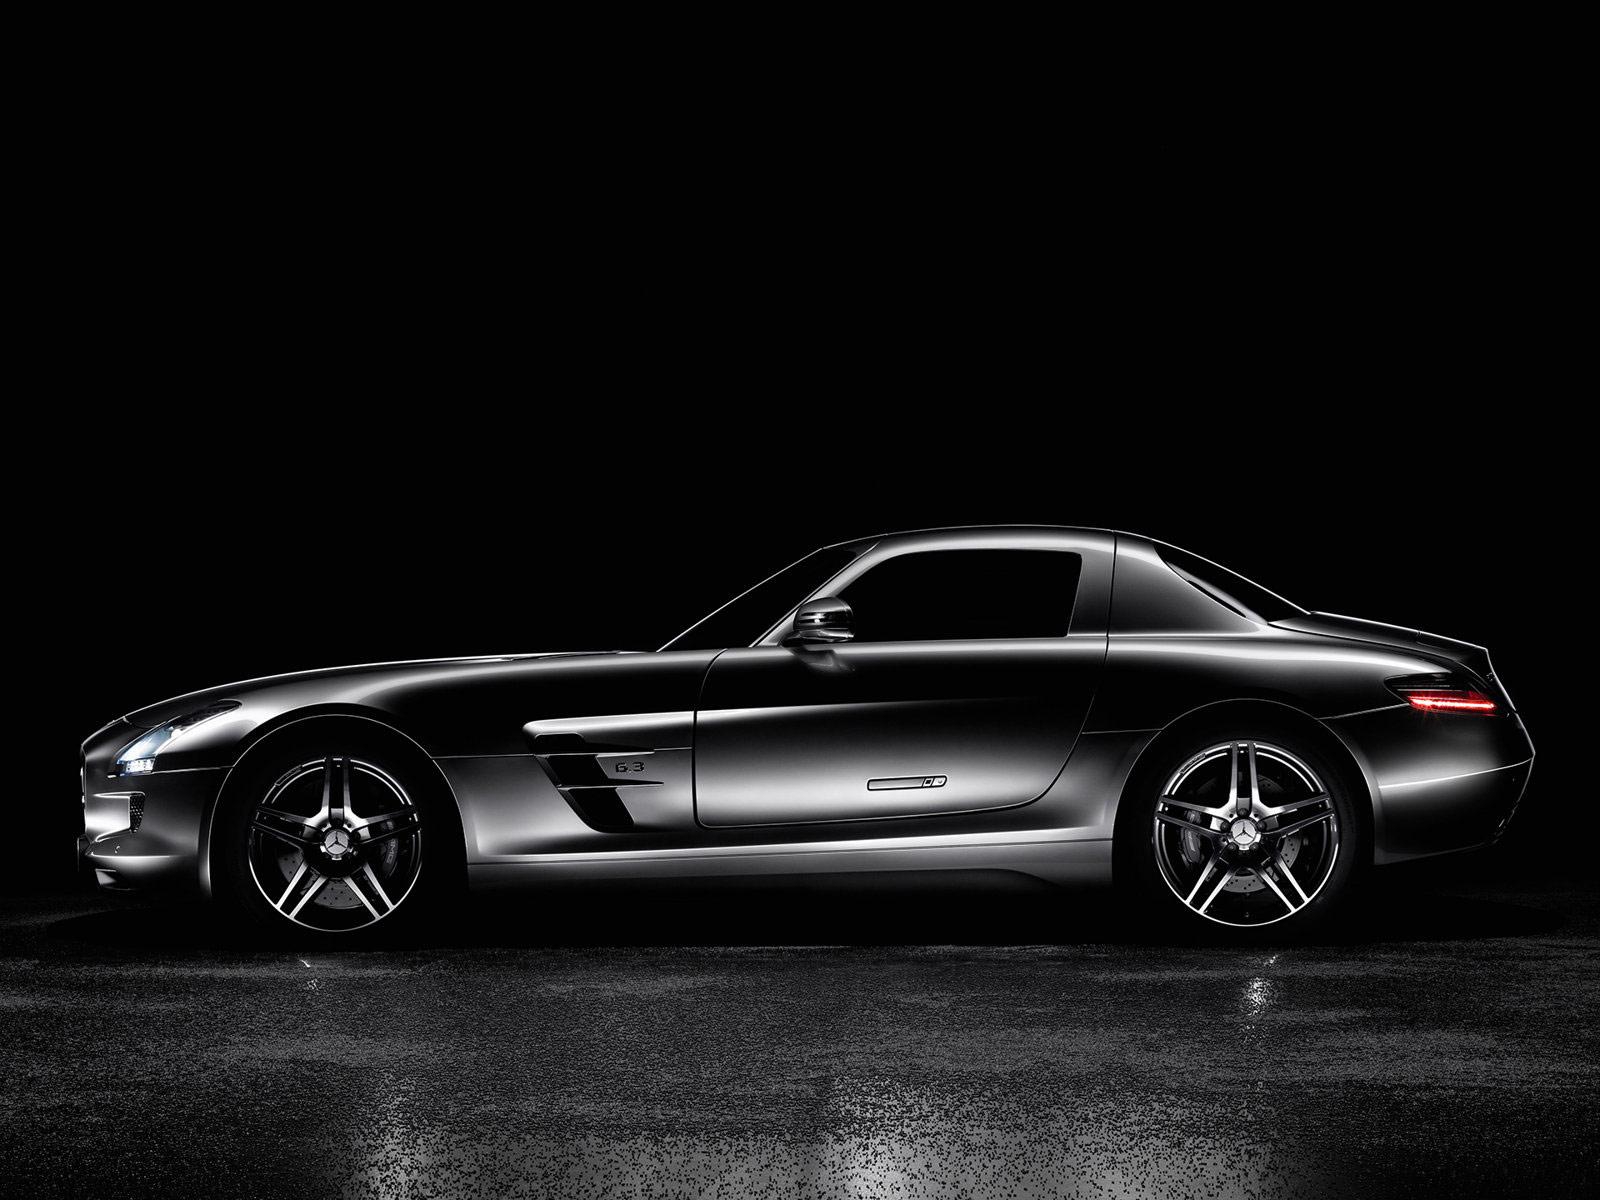 Super luxury car super car mercedes benz sls amg 2011 for Mercedes benz expensive car